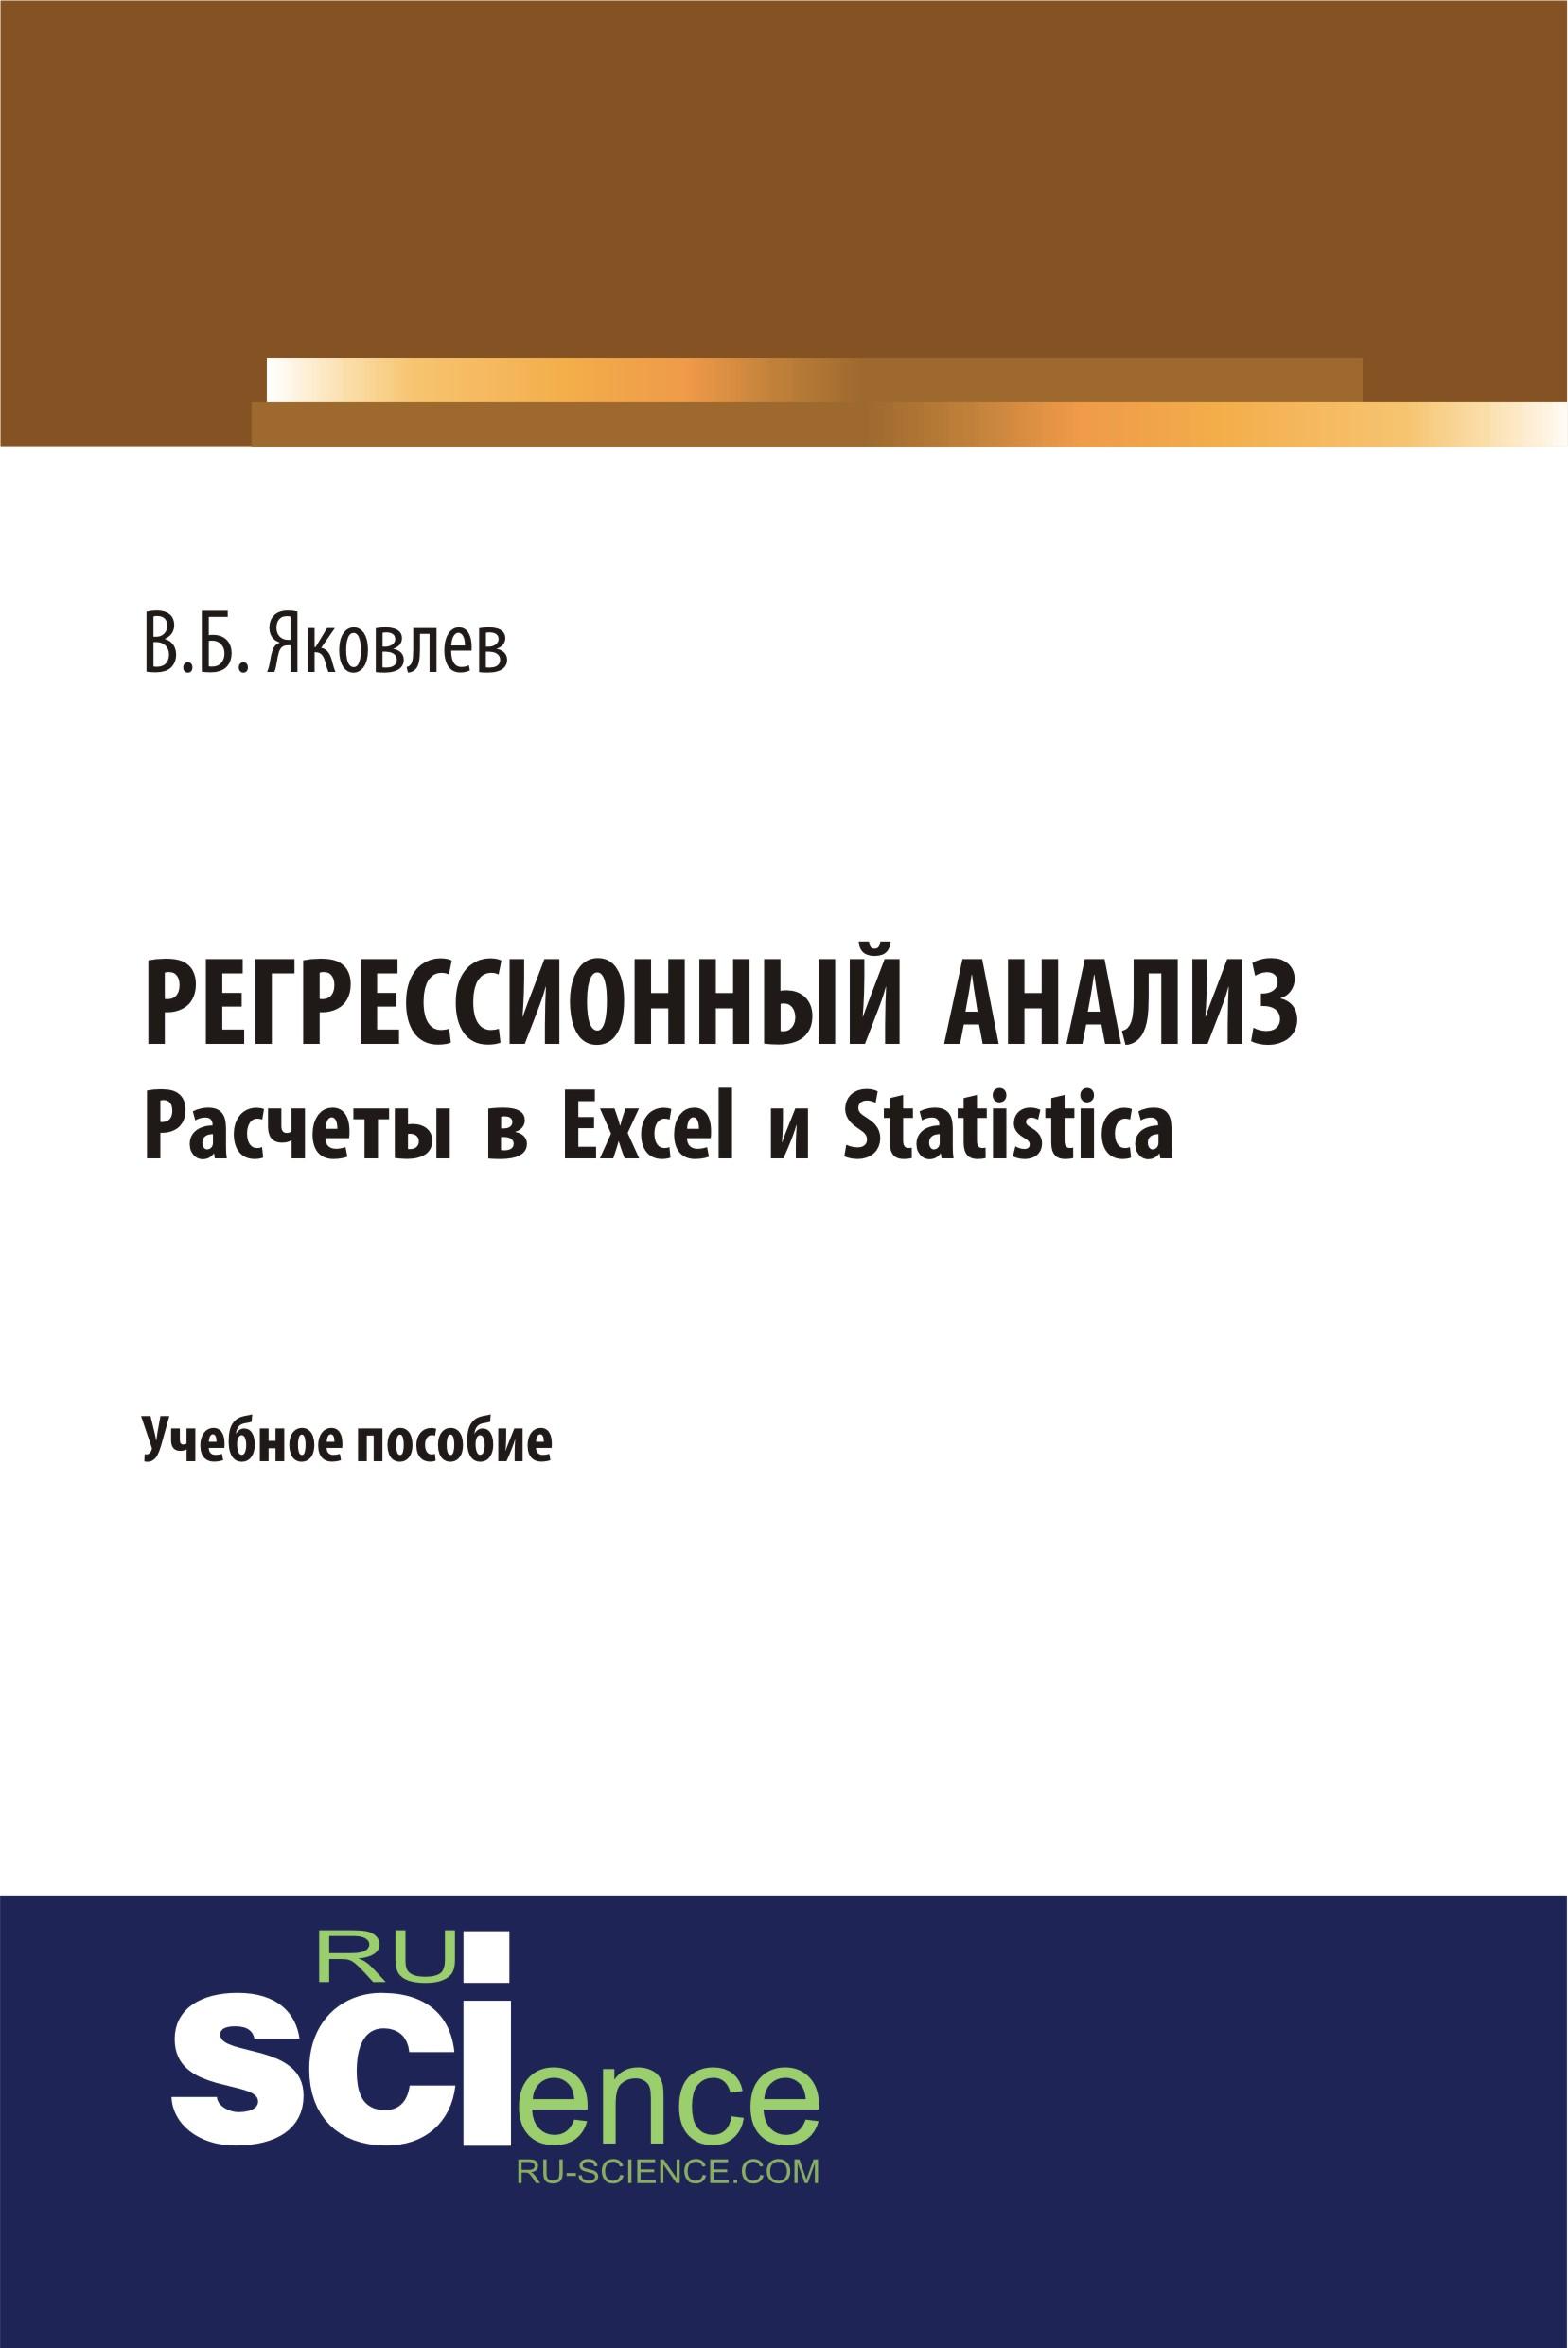 Регрессионный анализ. Расчеты в Excel и Statistica